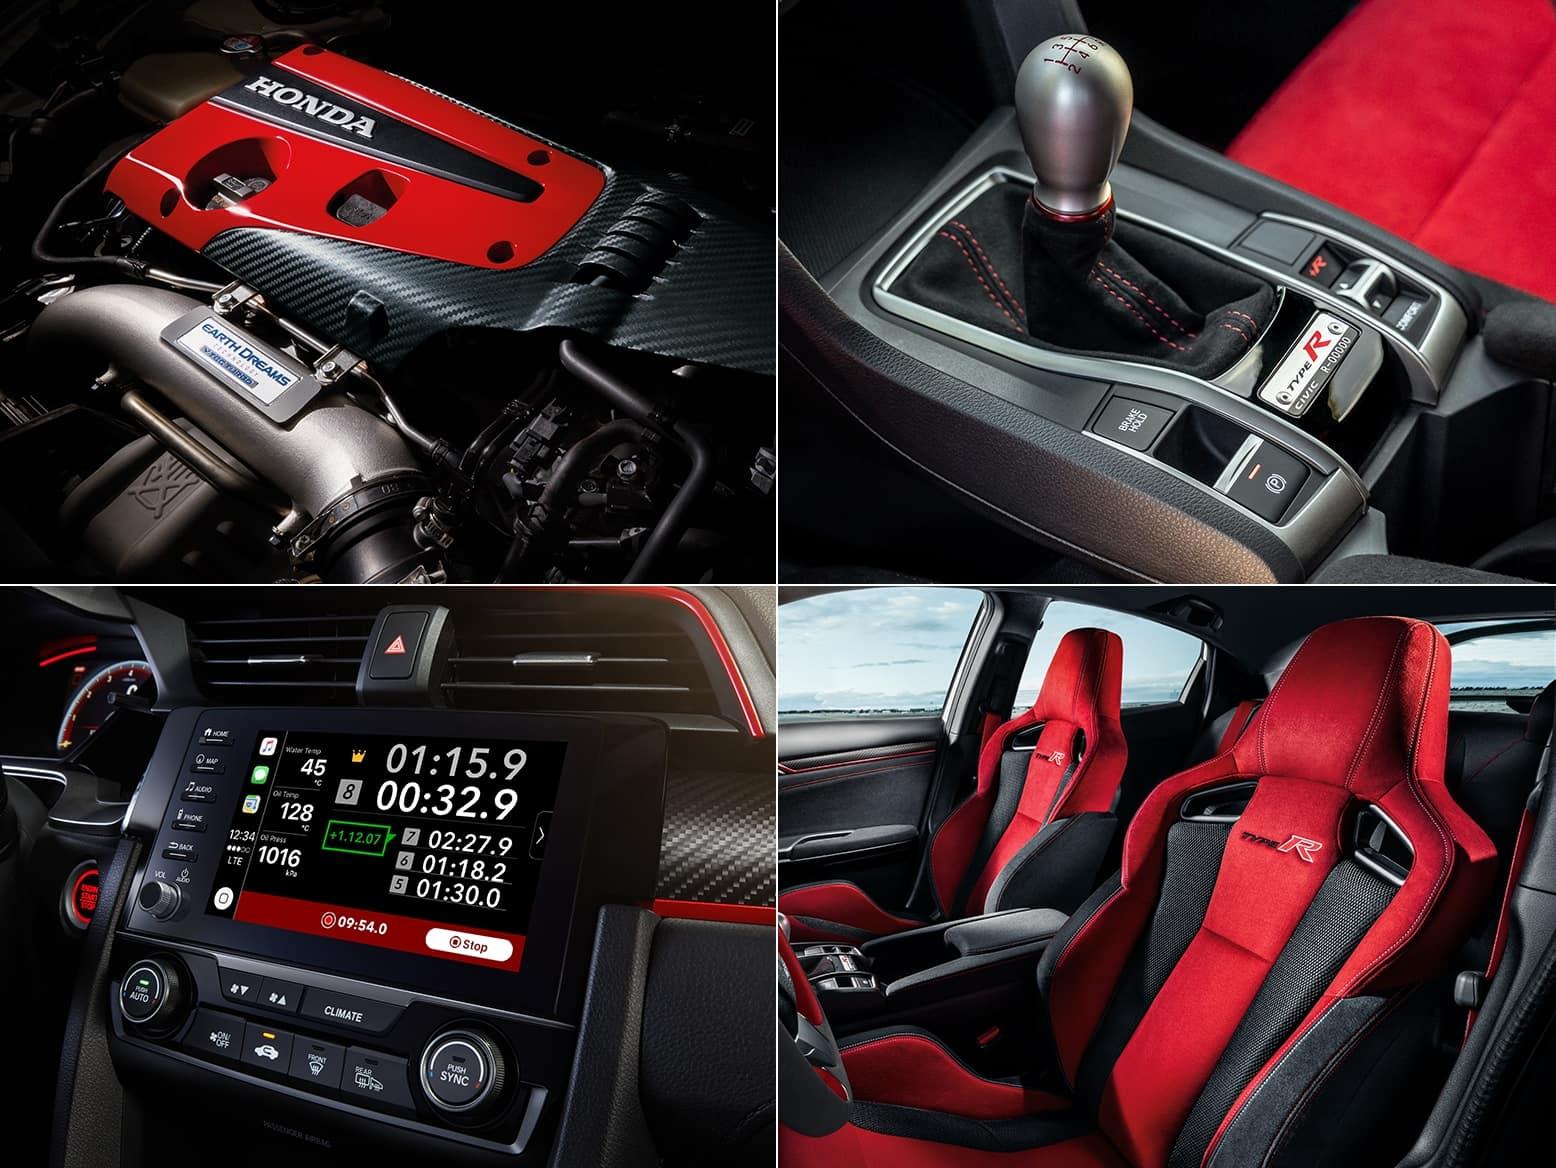 2021 Honda Type R features